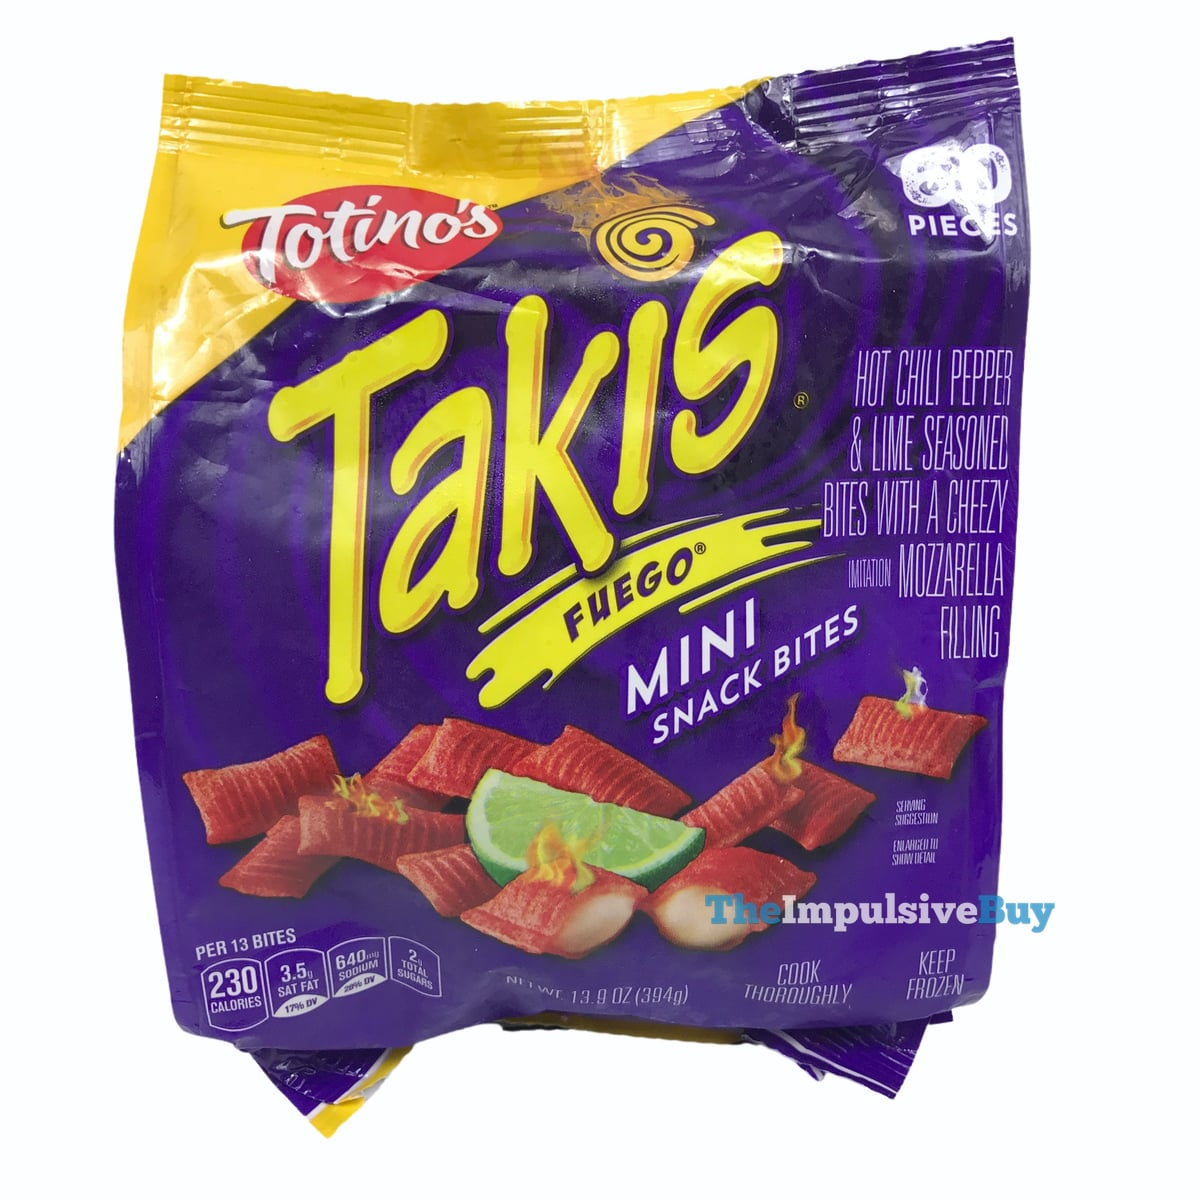 Takis Fuego Mini Snack Bites